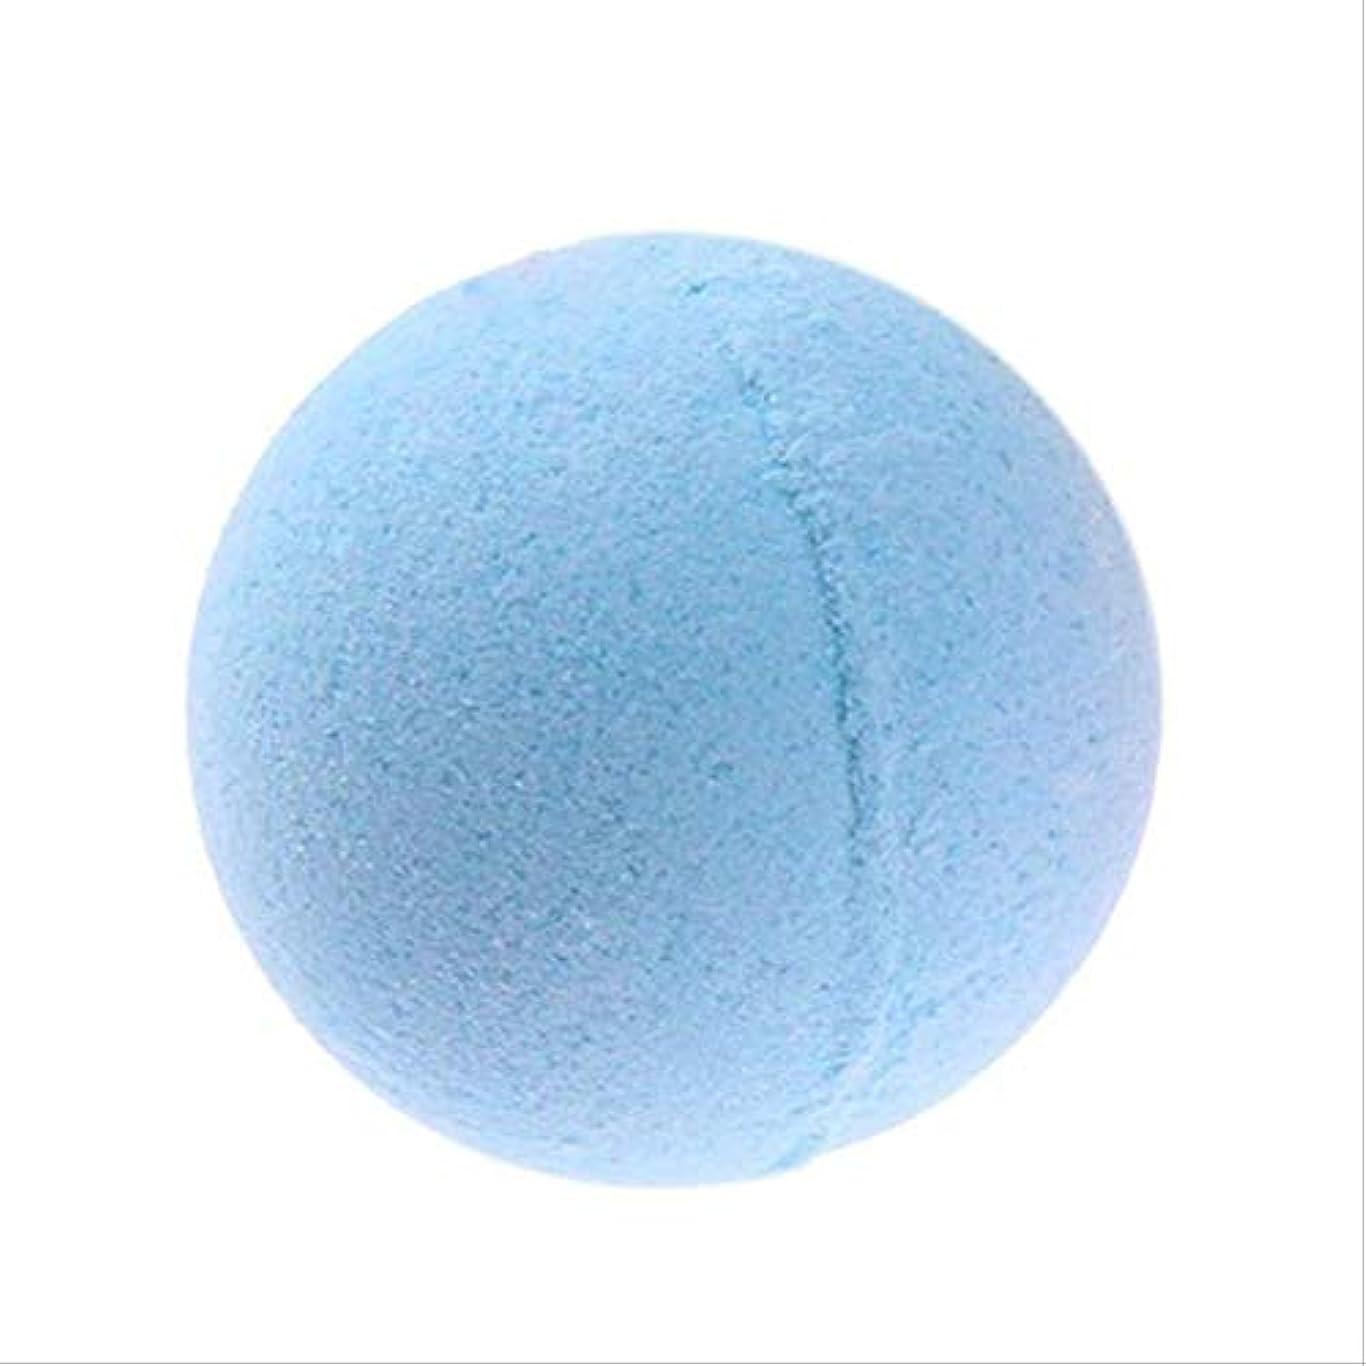 エキサイティング用語集の面ではバスソルトフォームシャワーボール 海塩